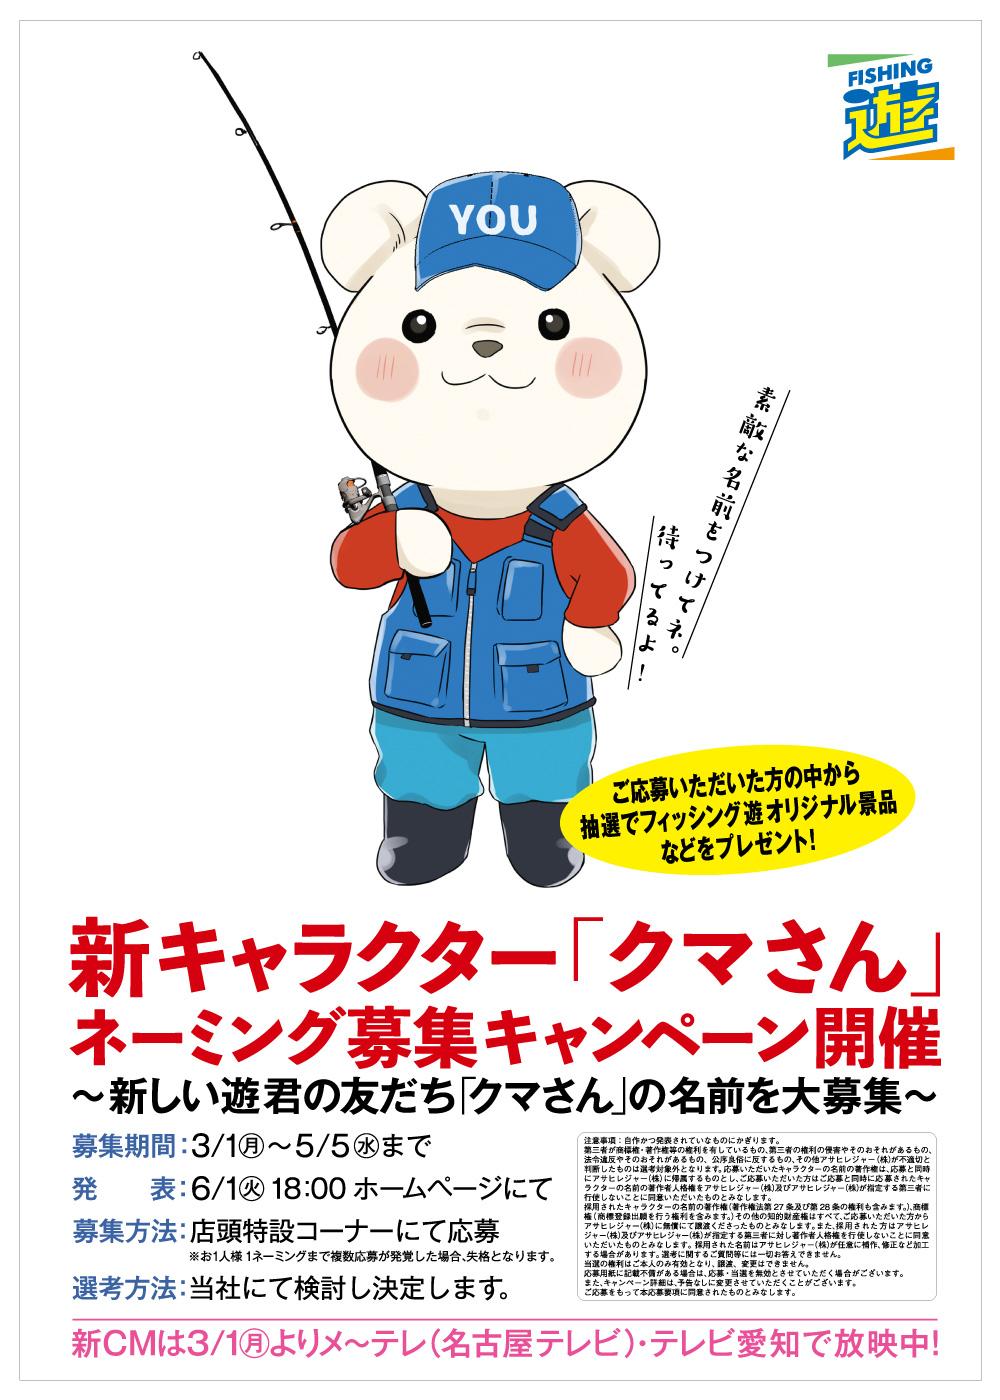 2021年3月1日(月)より、メ~テレ・テレビ愛知にて新CM放映開始します!